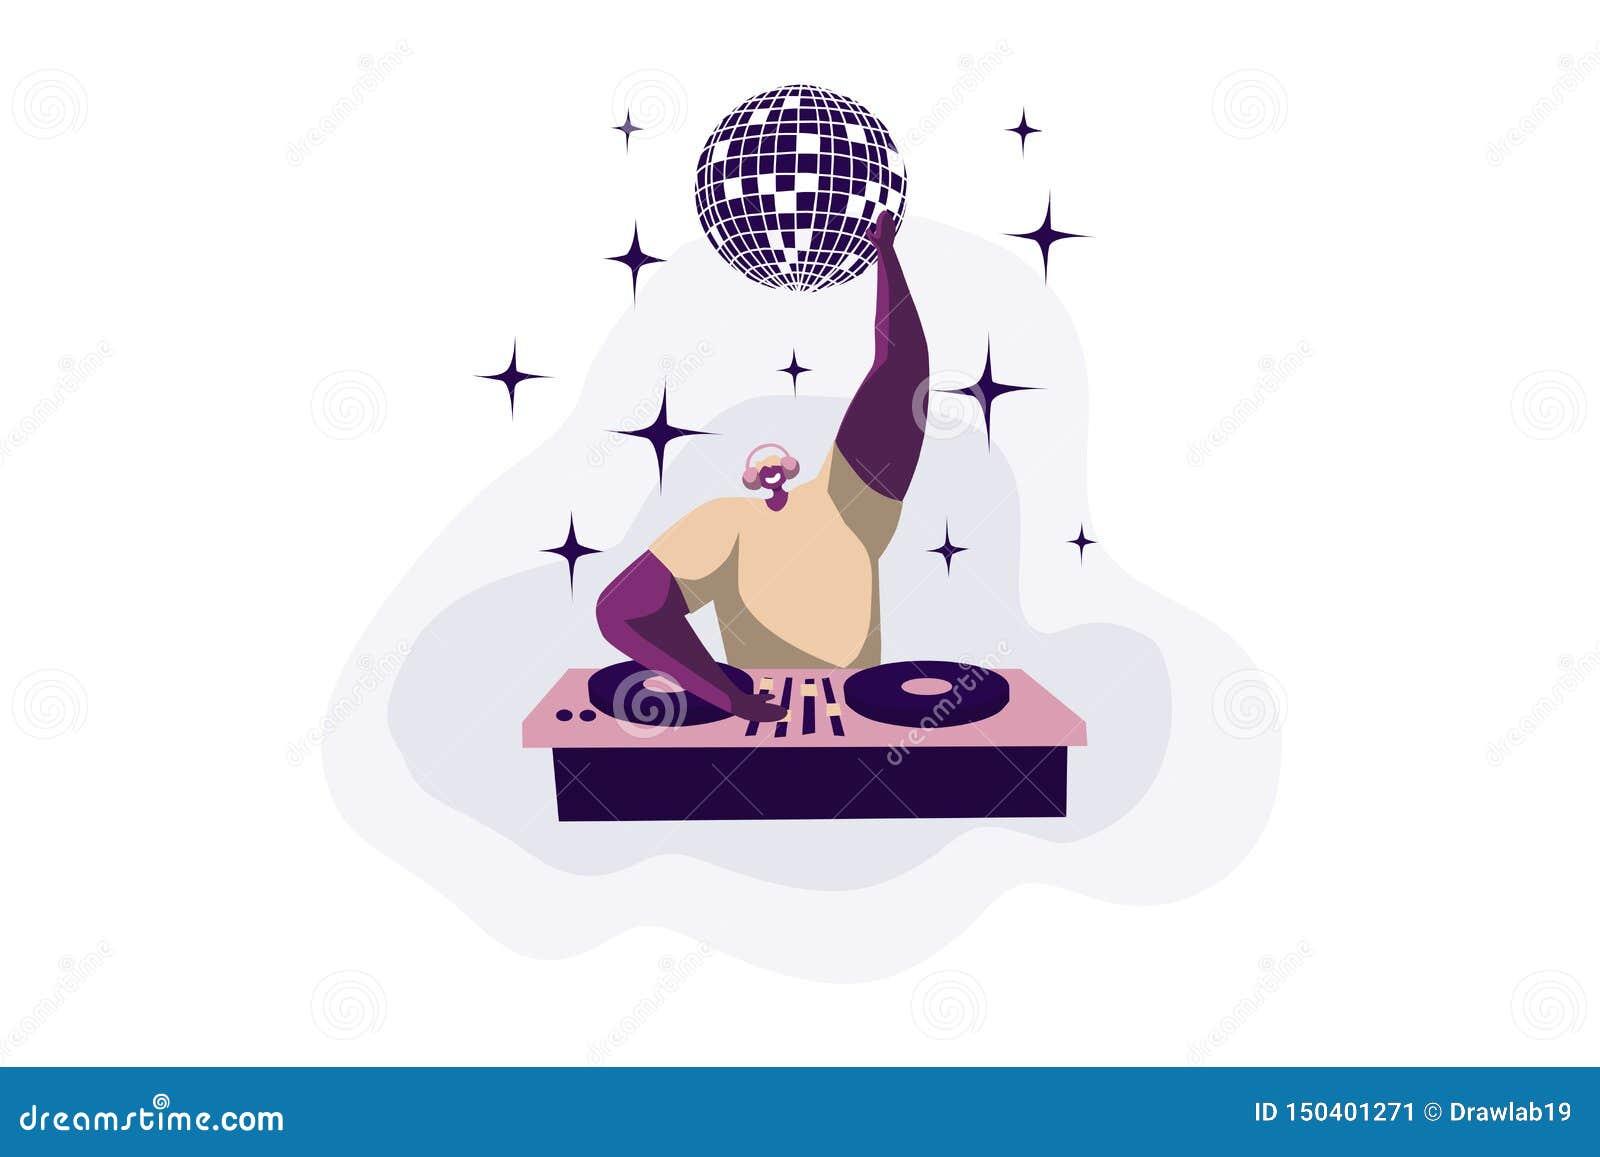 Электронная музыка для ночных клубов кс ночной клуб